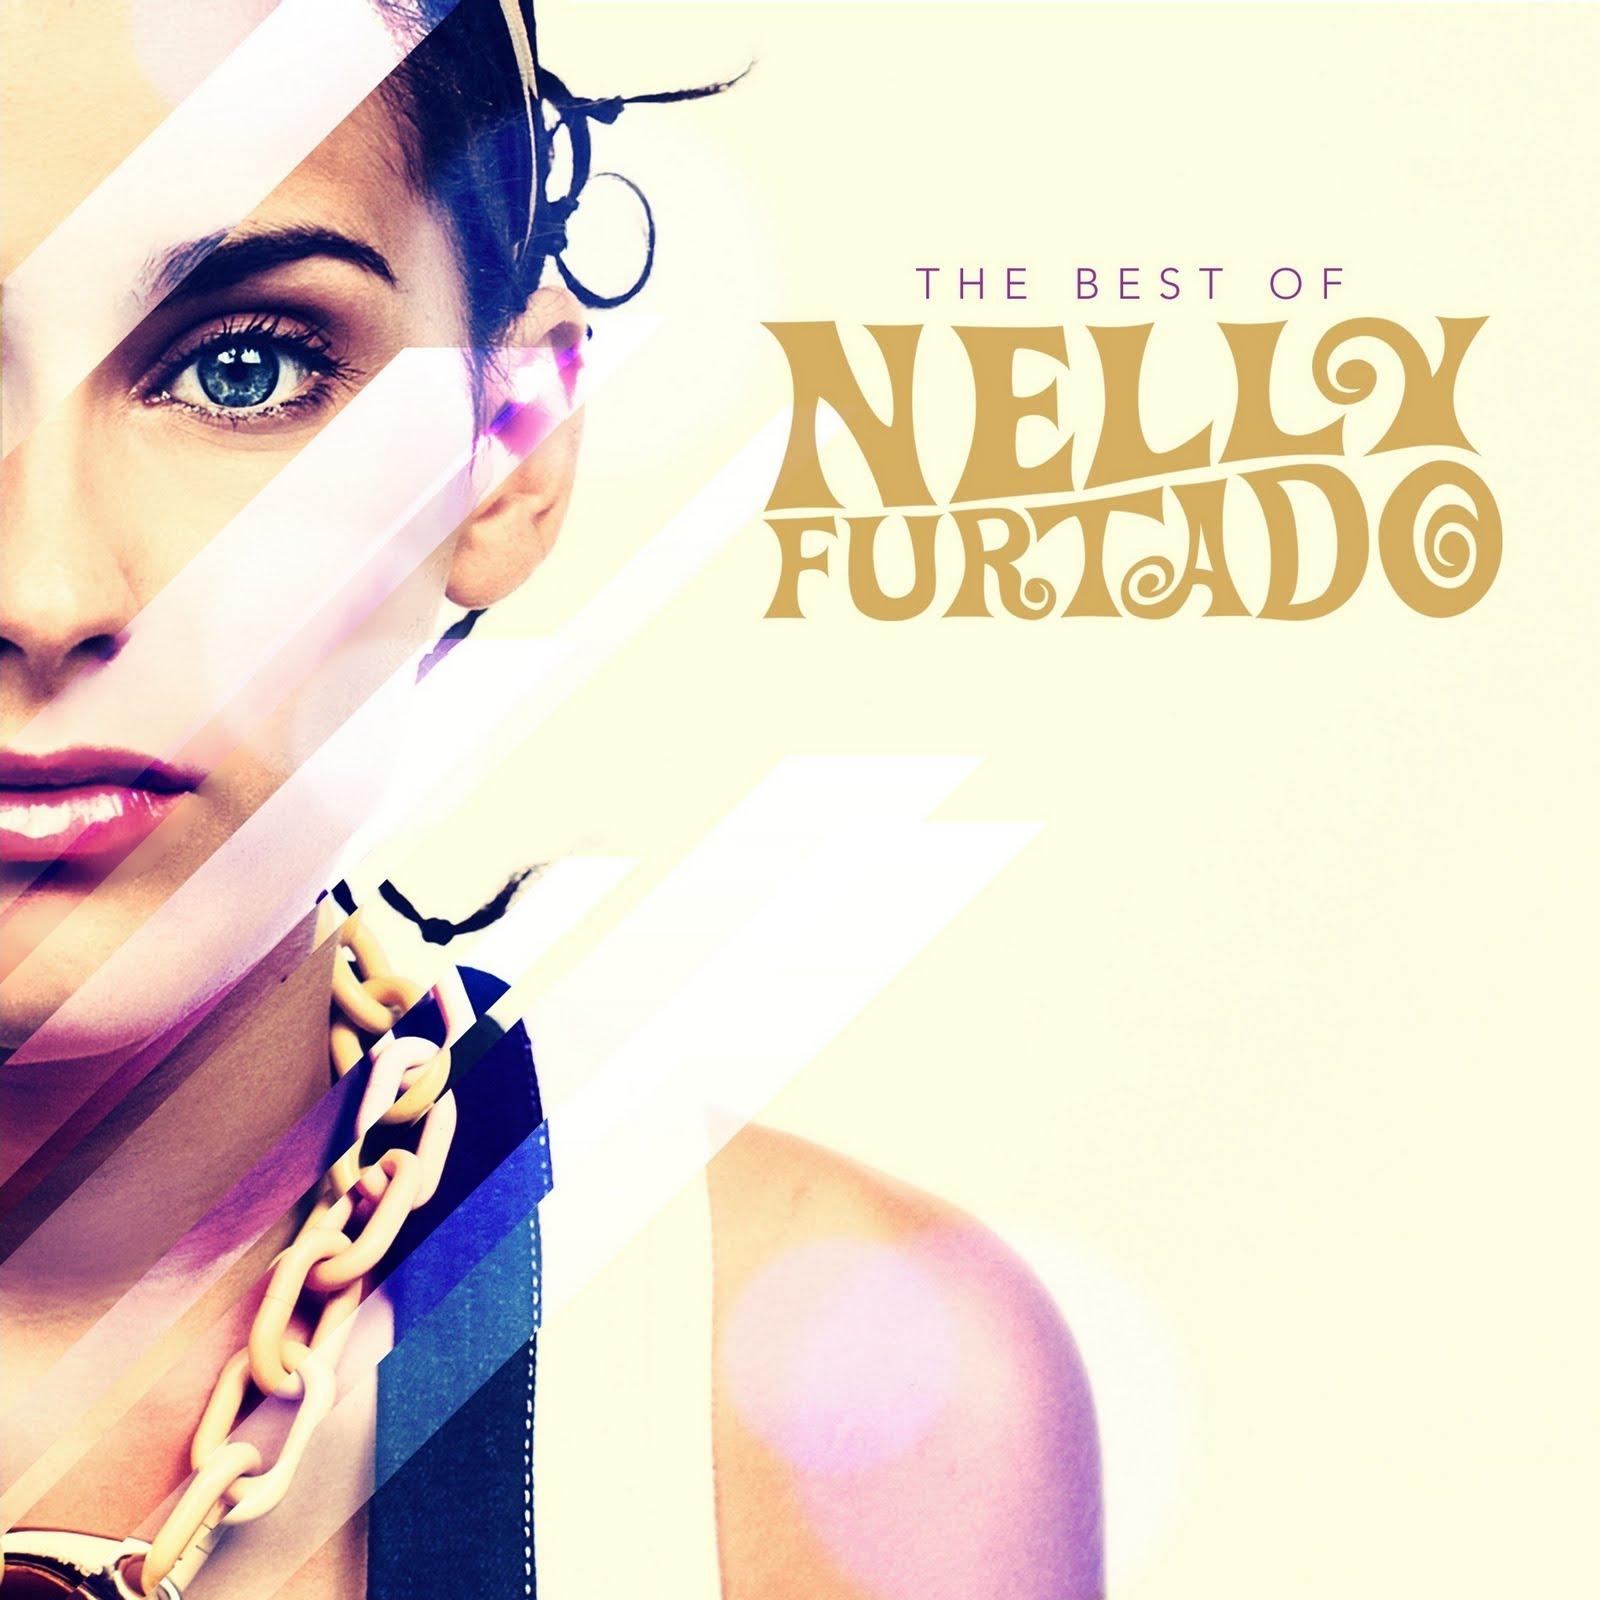 http://3.bp.blogspot.com/_LP20HBlZU2s/TOfcDlkzcII/AAAAAAAAAZ0/m5n0H-LseZQ/s1600/Nelly+Furtado+-+The+Best+Of+%2528Deluxe+Edition%2529.jpg